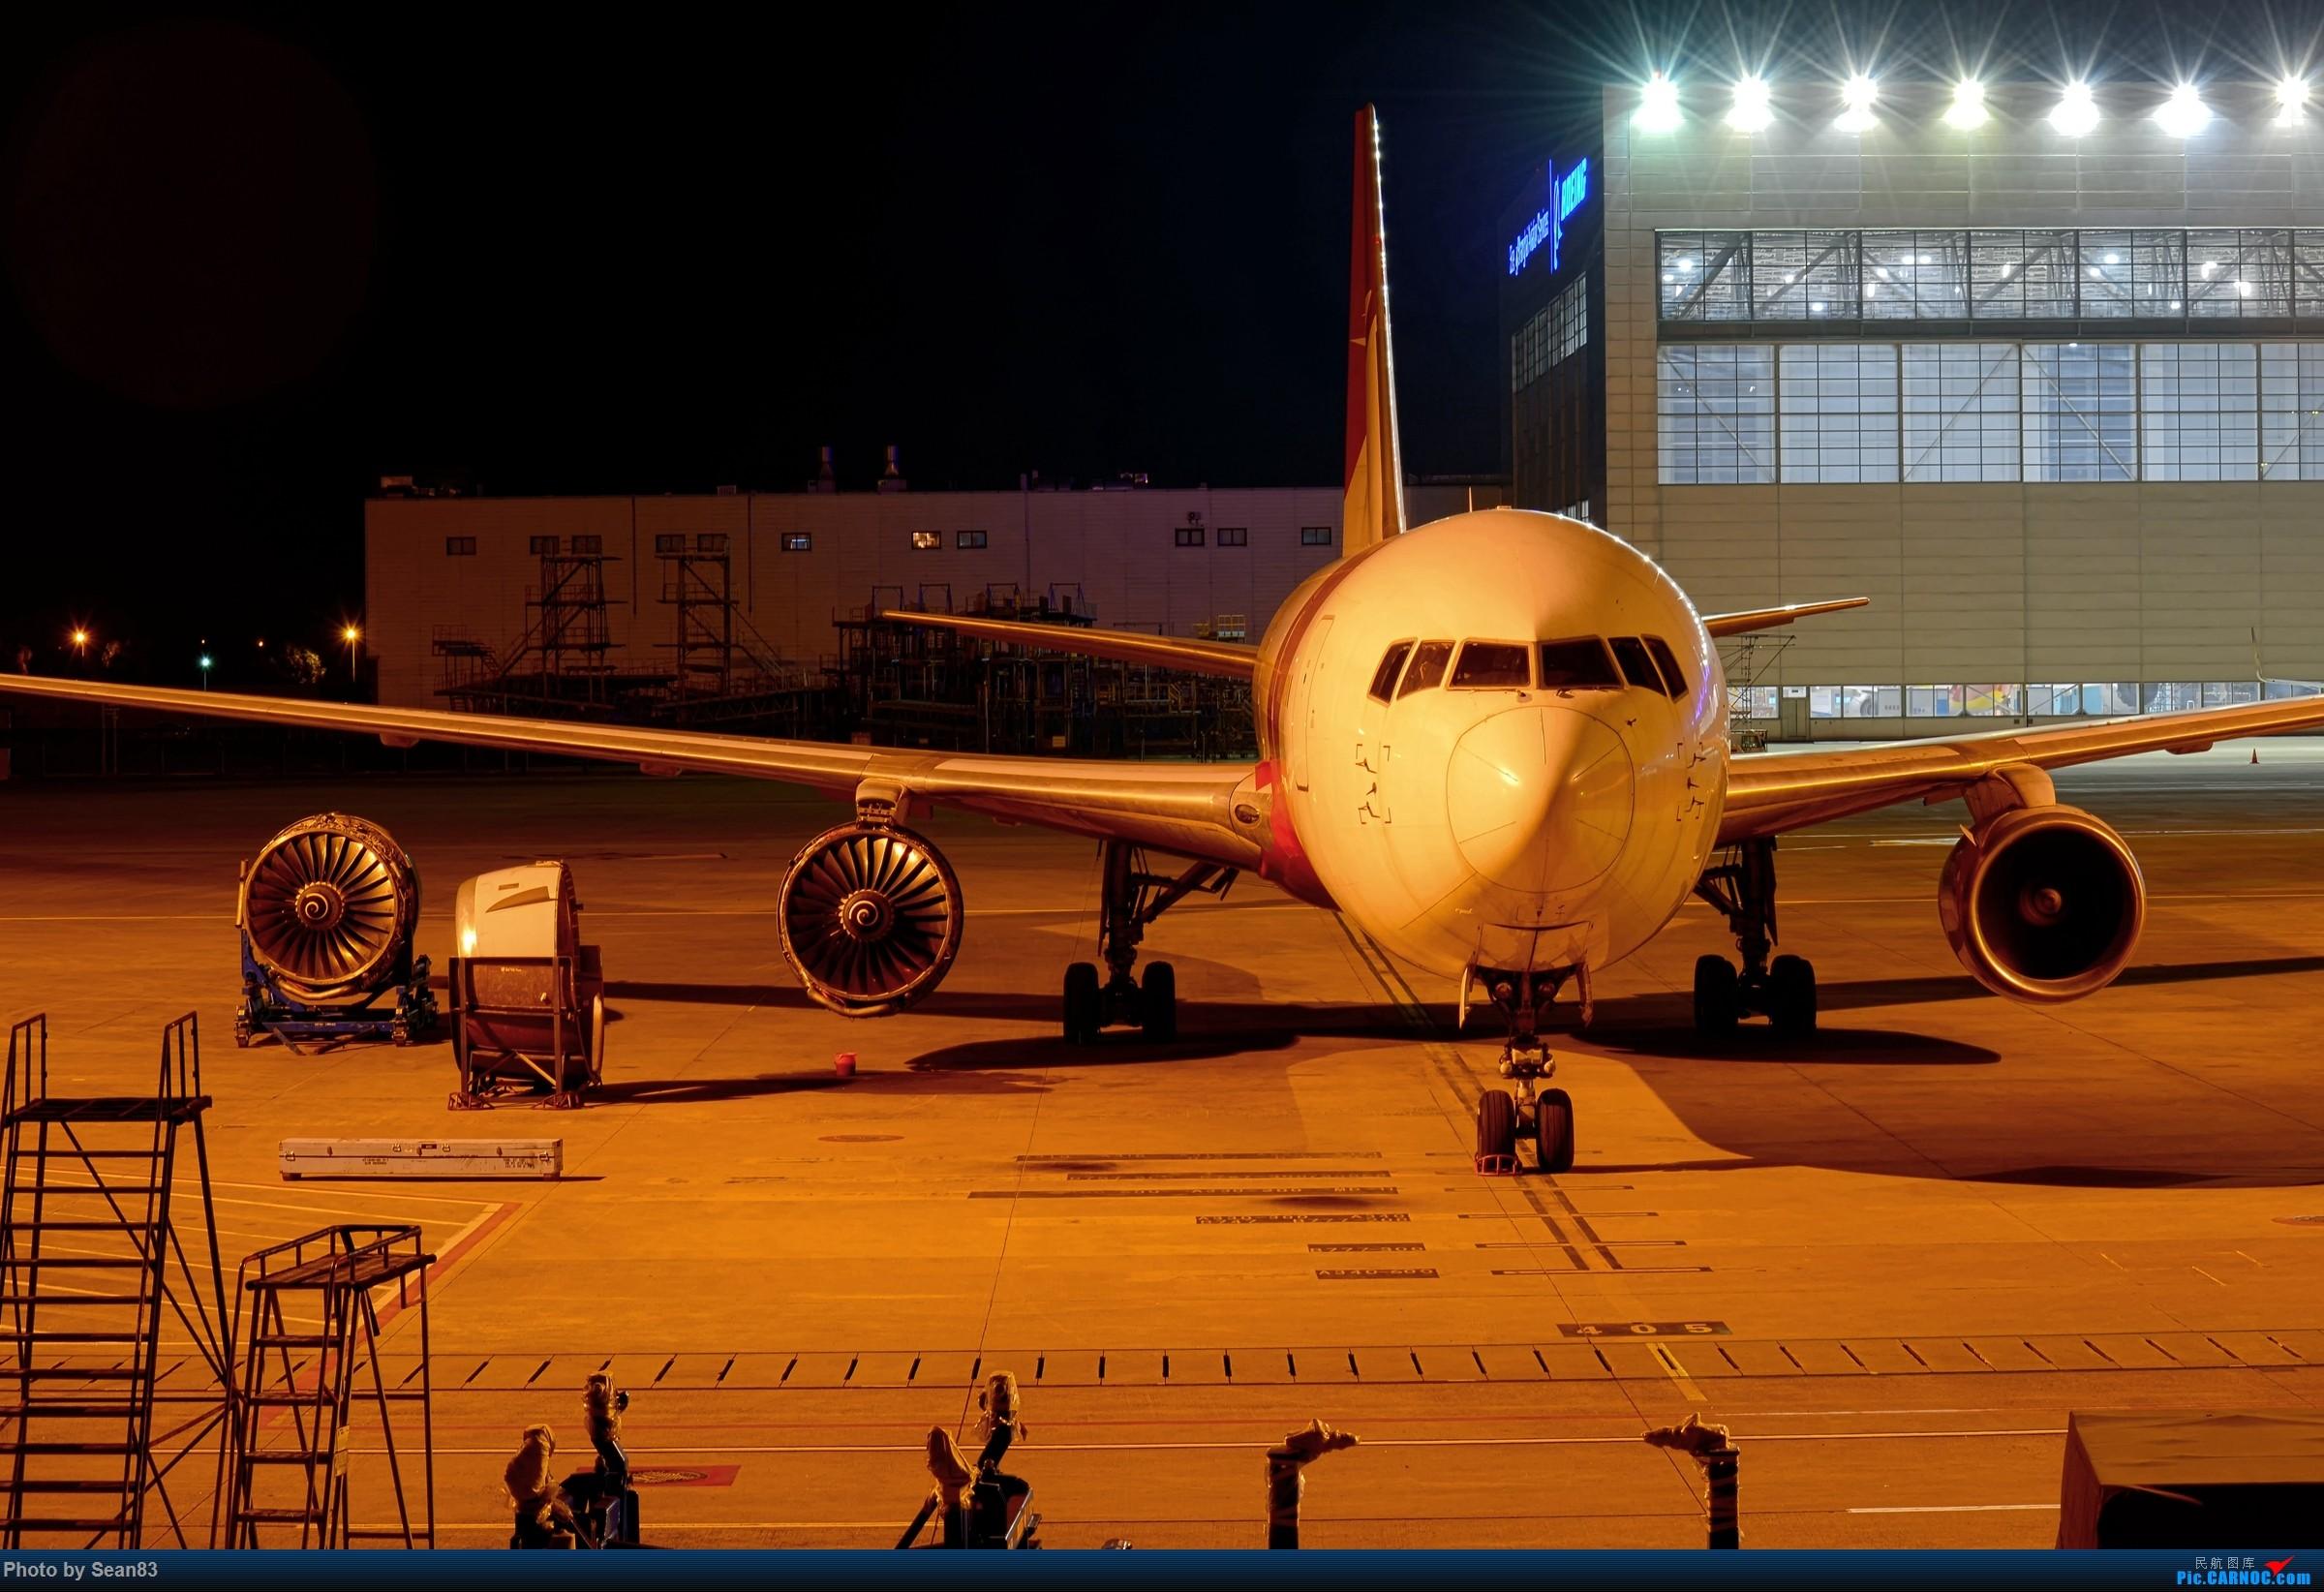 上海浦东国际机场官网_BOEING 767-300 上海浦东国际机场 (PVG)Dynamic Airways